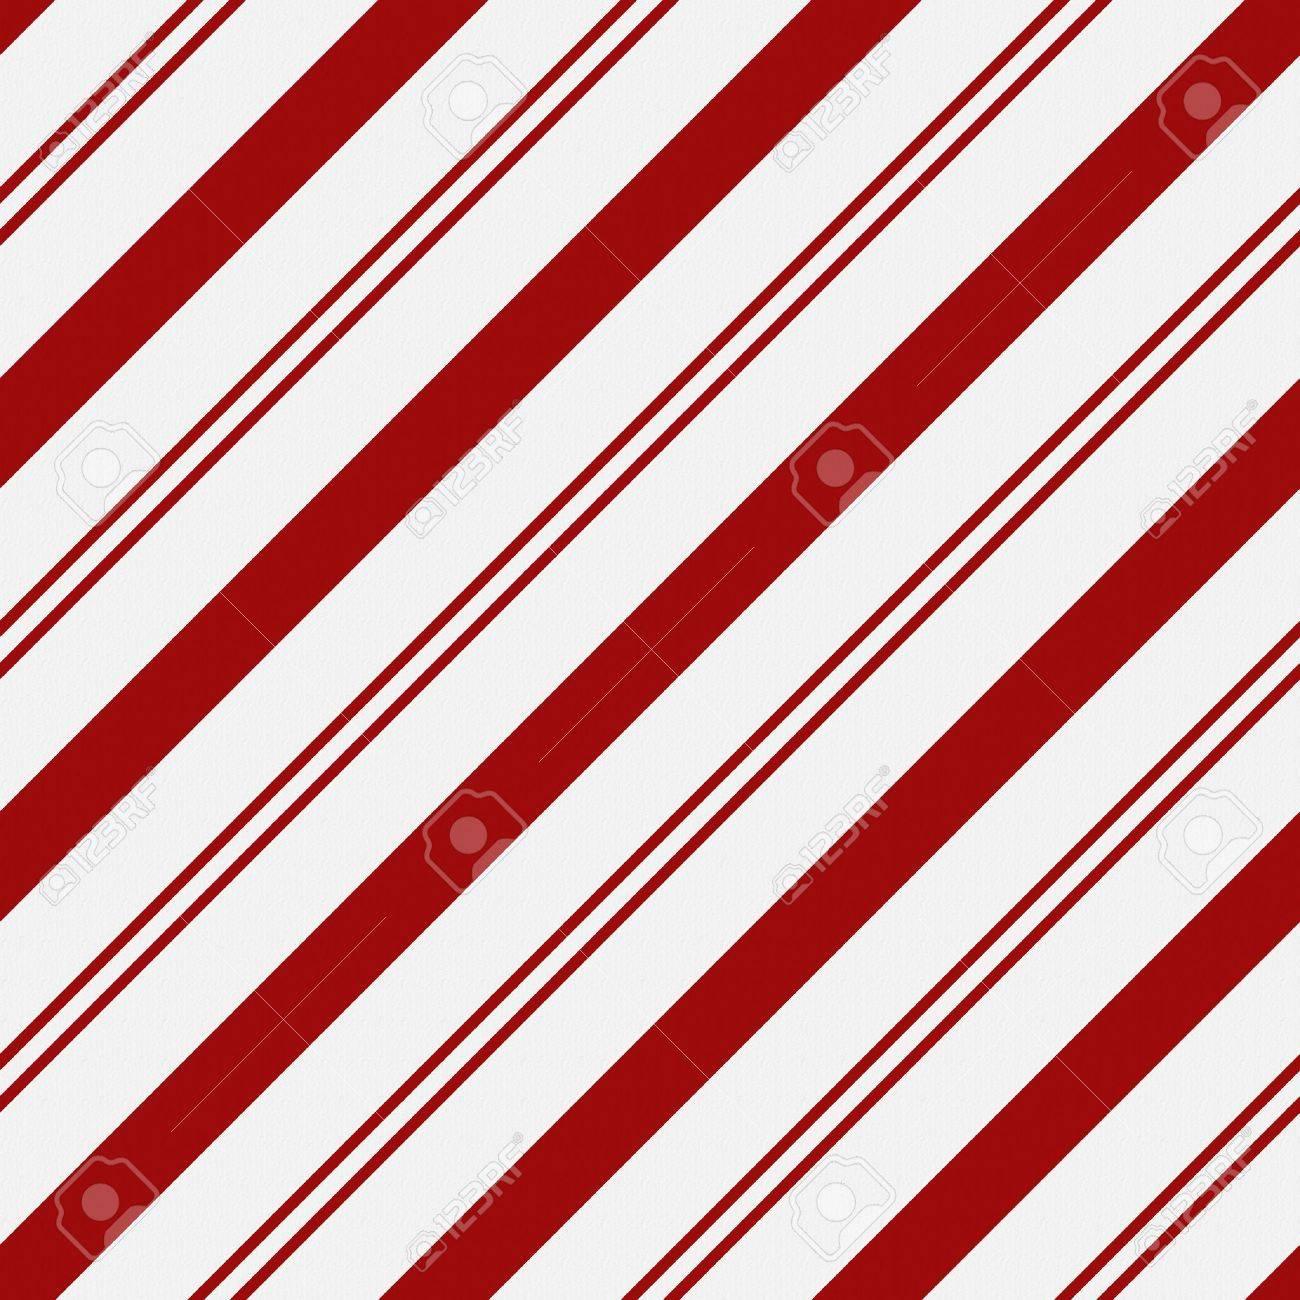 Immagini Stock Sfondo Rosso E Bianco Tessuto A Righe Che è Senza